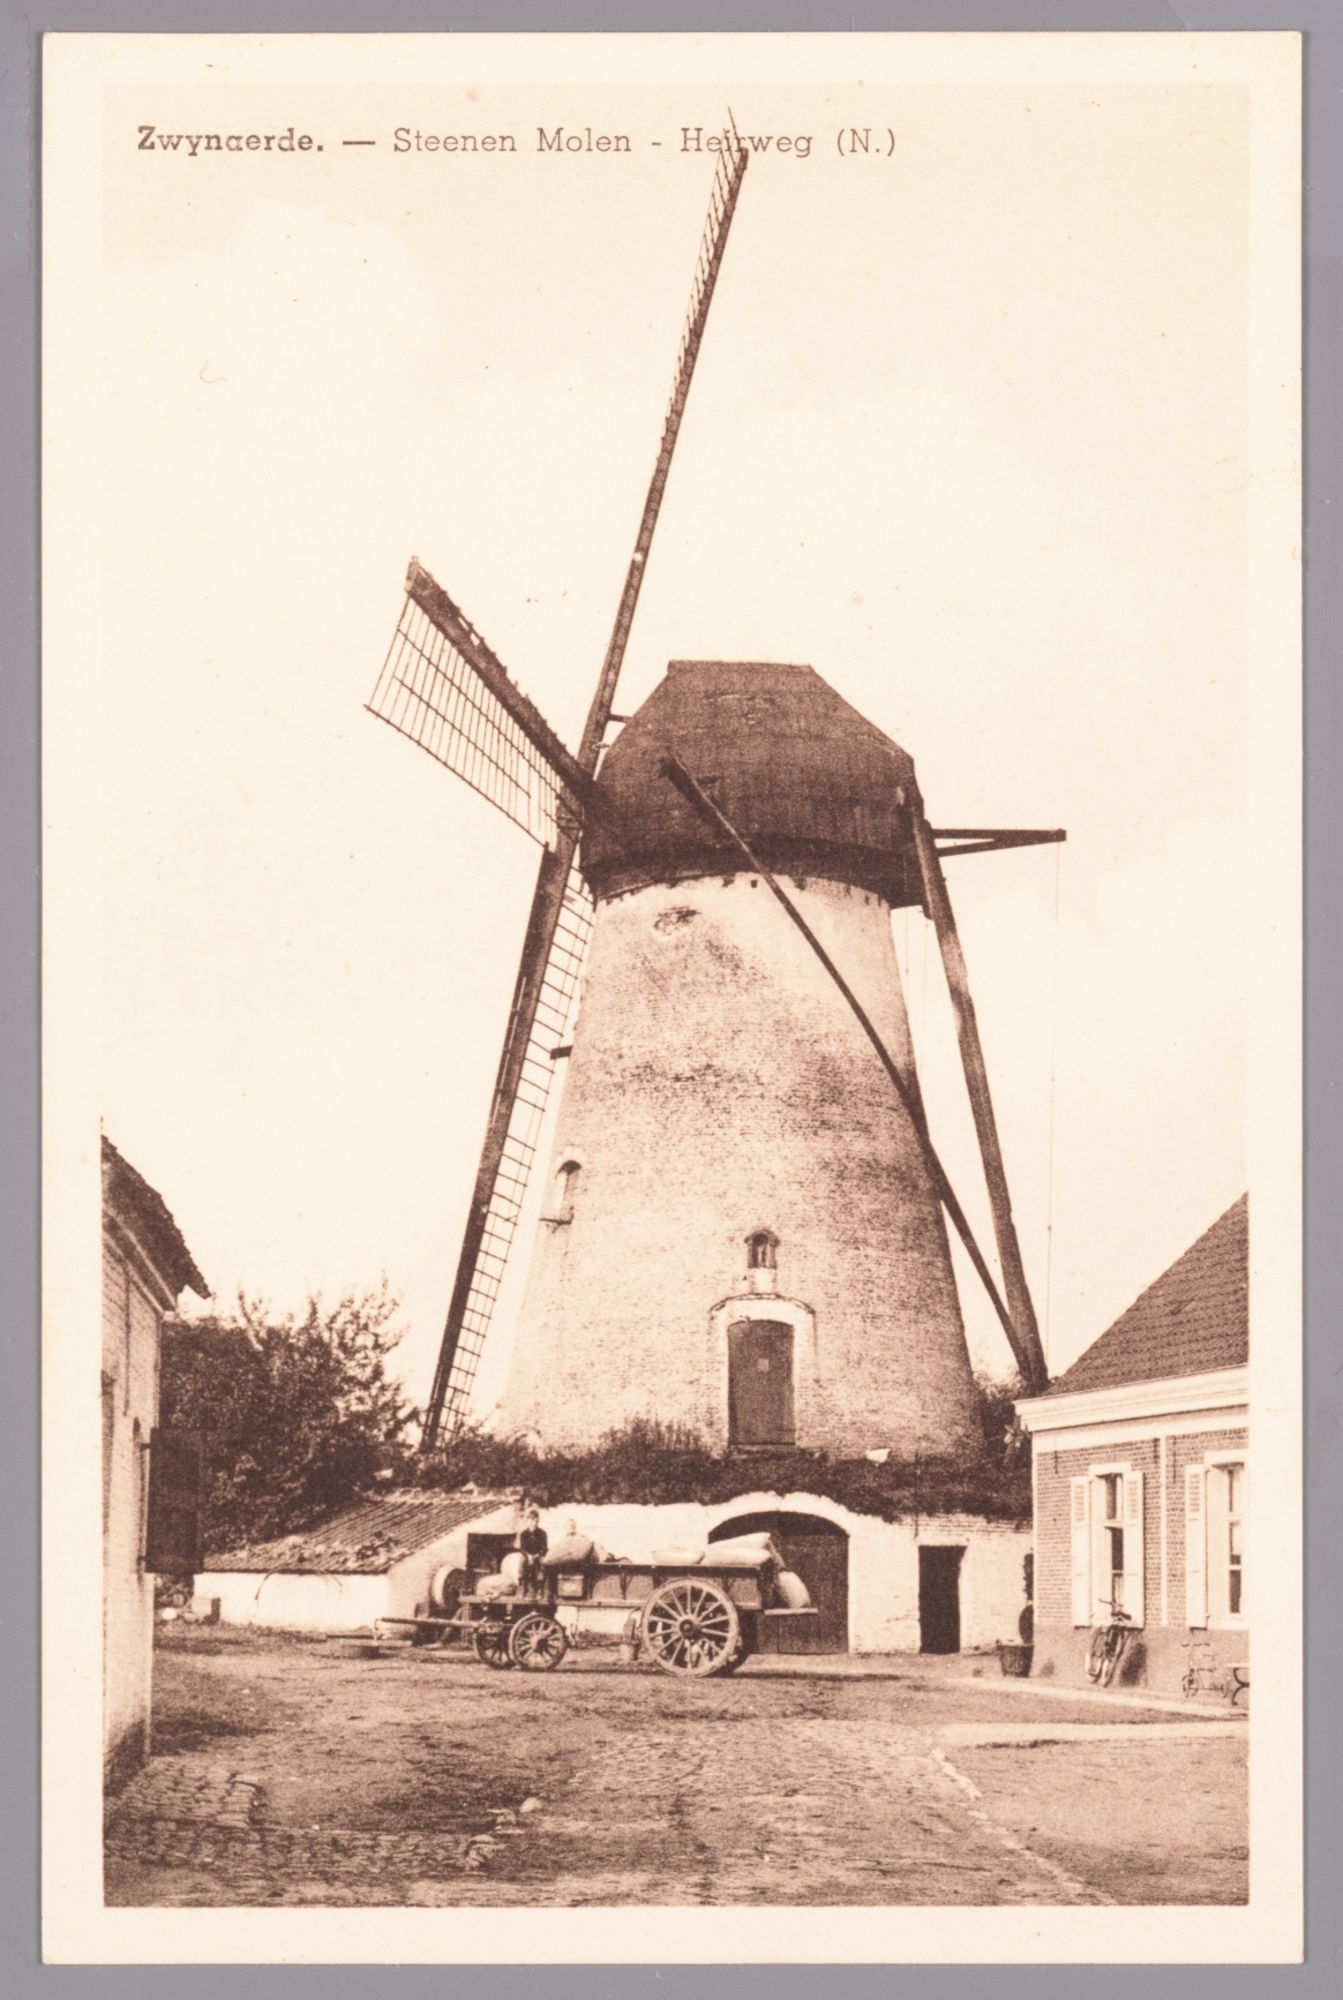 Zwijnaarde: Heerweg-Noord: stenen windmolen (gebruikt voor olie en graan) uit 1818, kar geladen met zakken (graan of meel?)